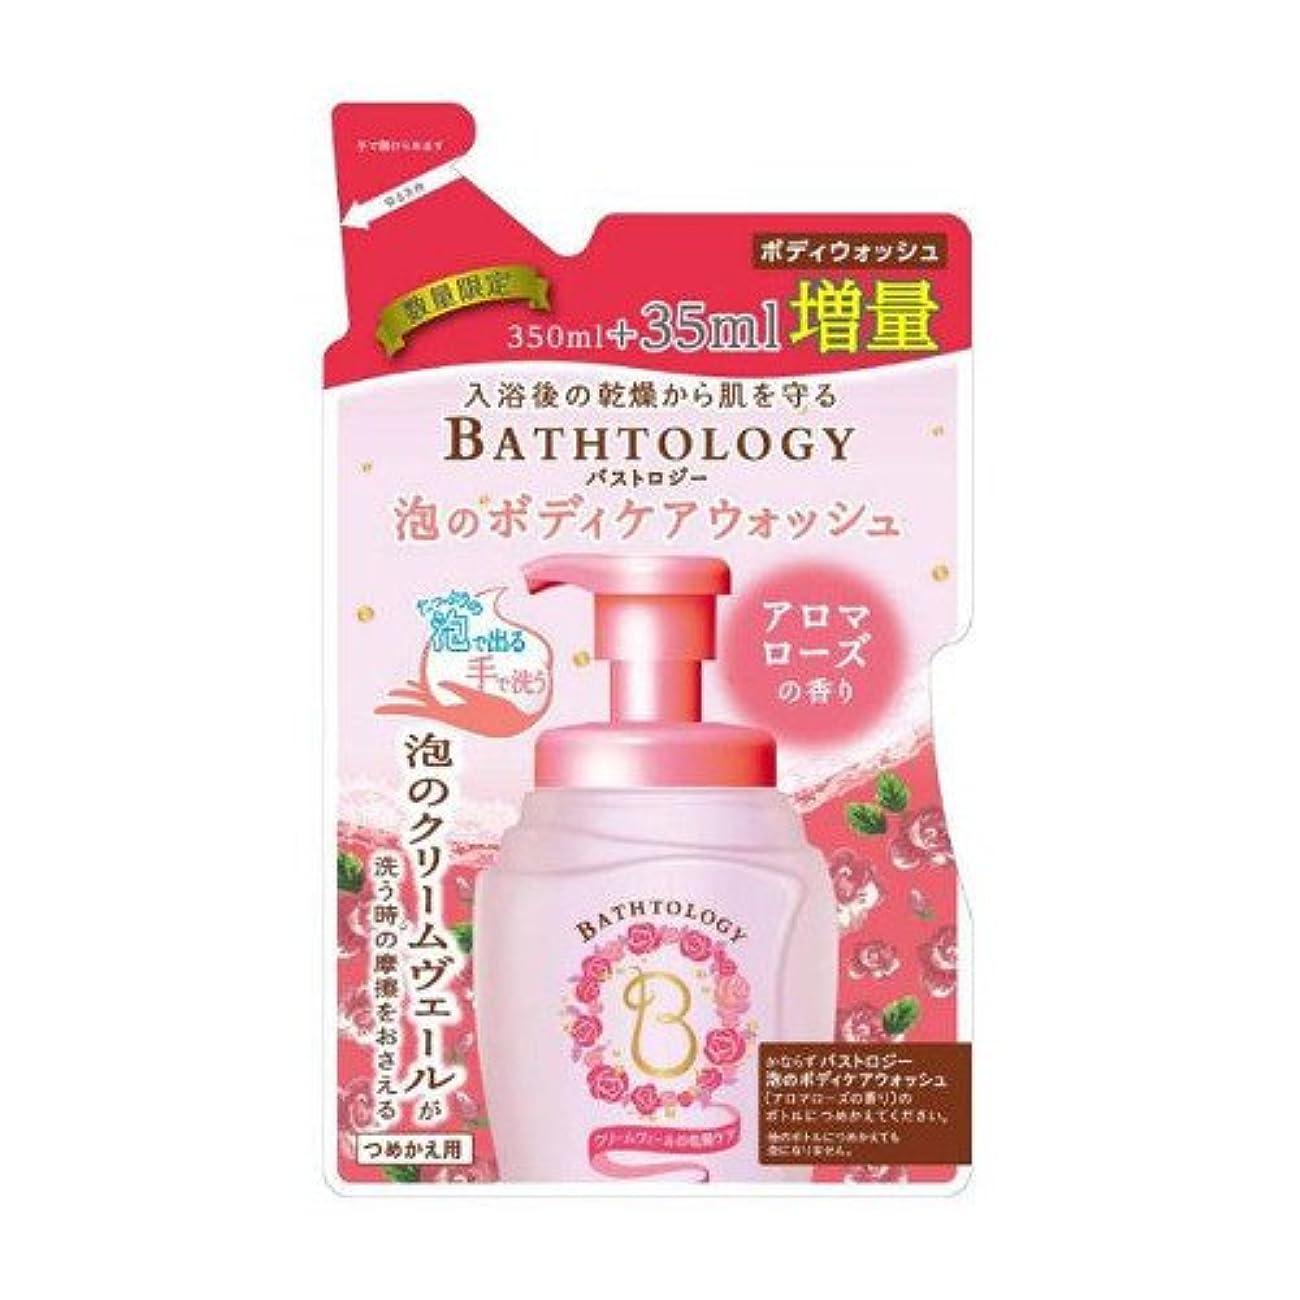 哲学博士単なるアトミックBATHTOLOGY(バストロジー) 泡のボディケアウォッシュ アロマローズの香り 詰替